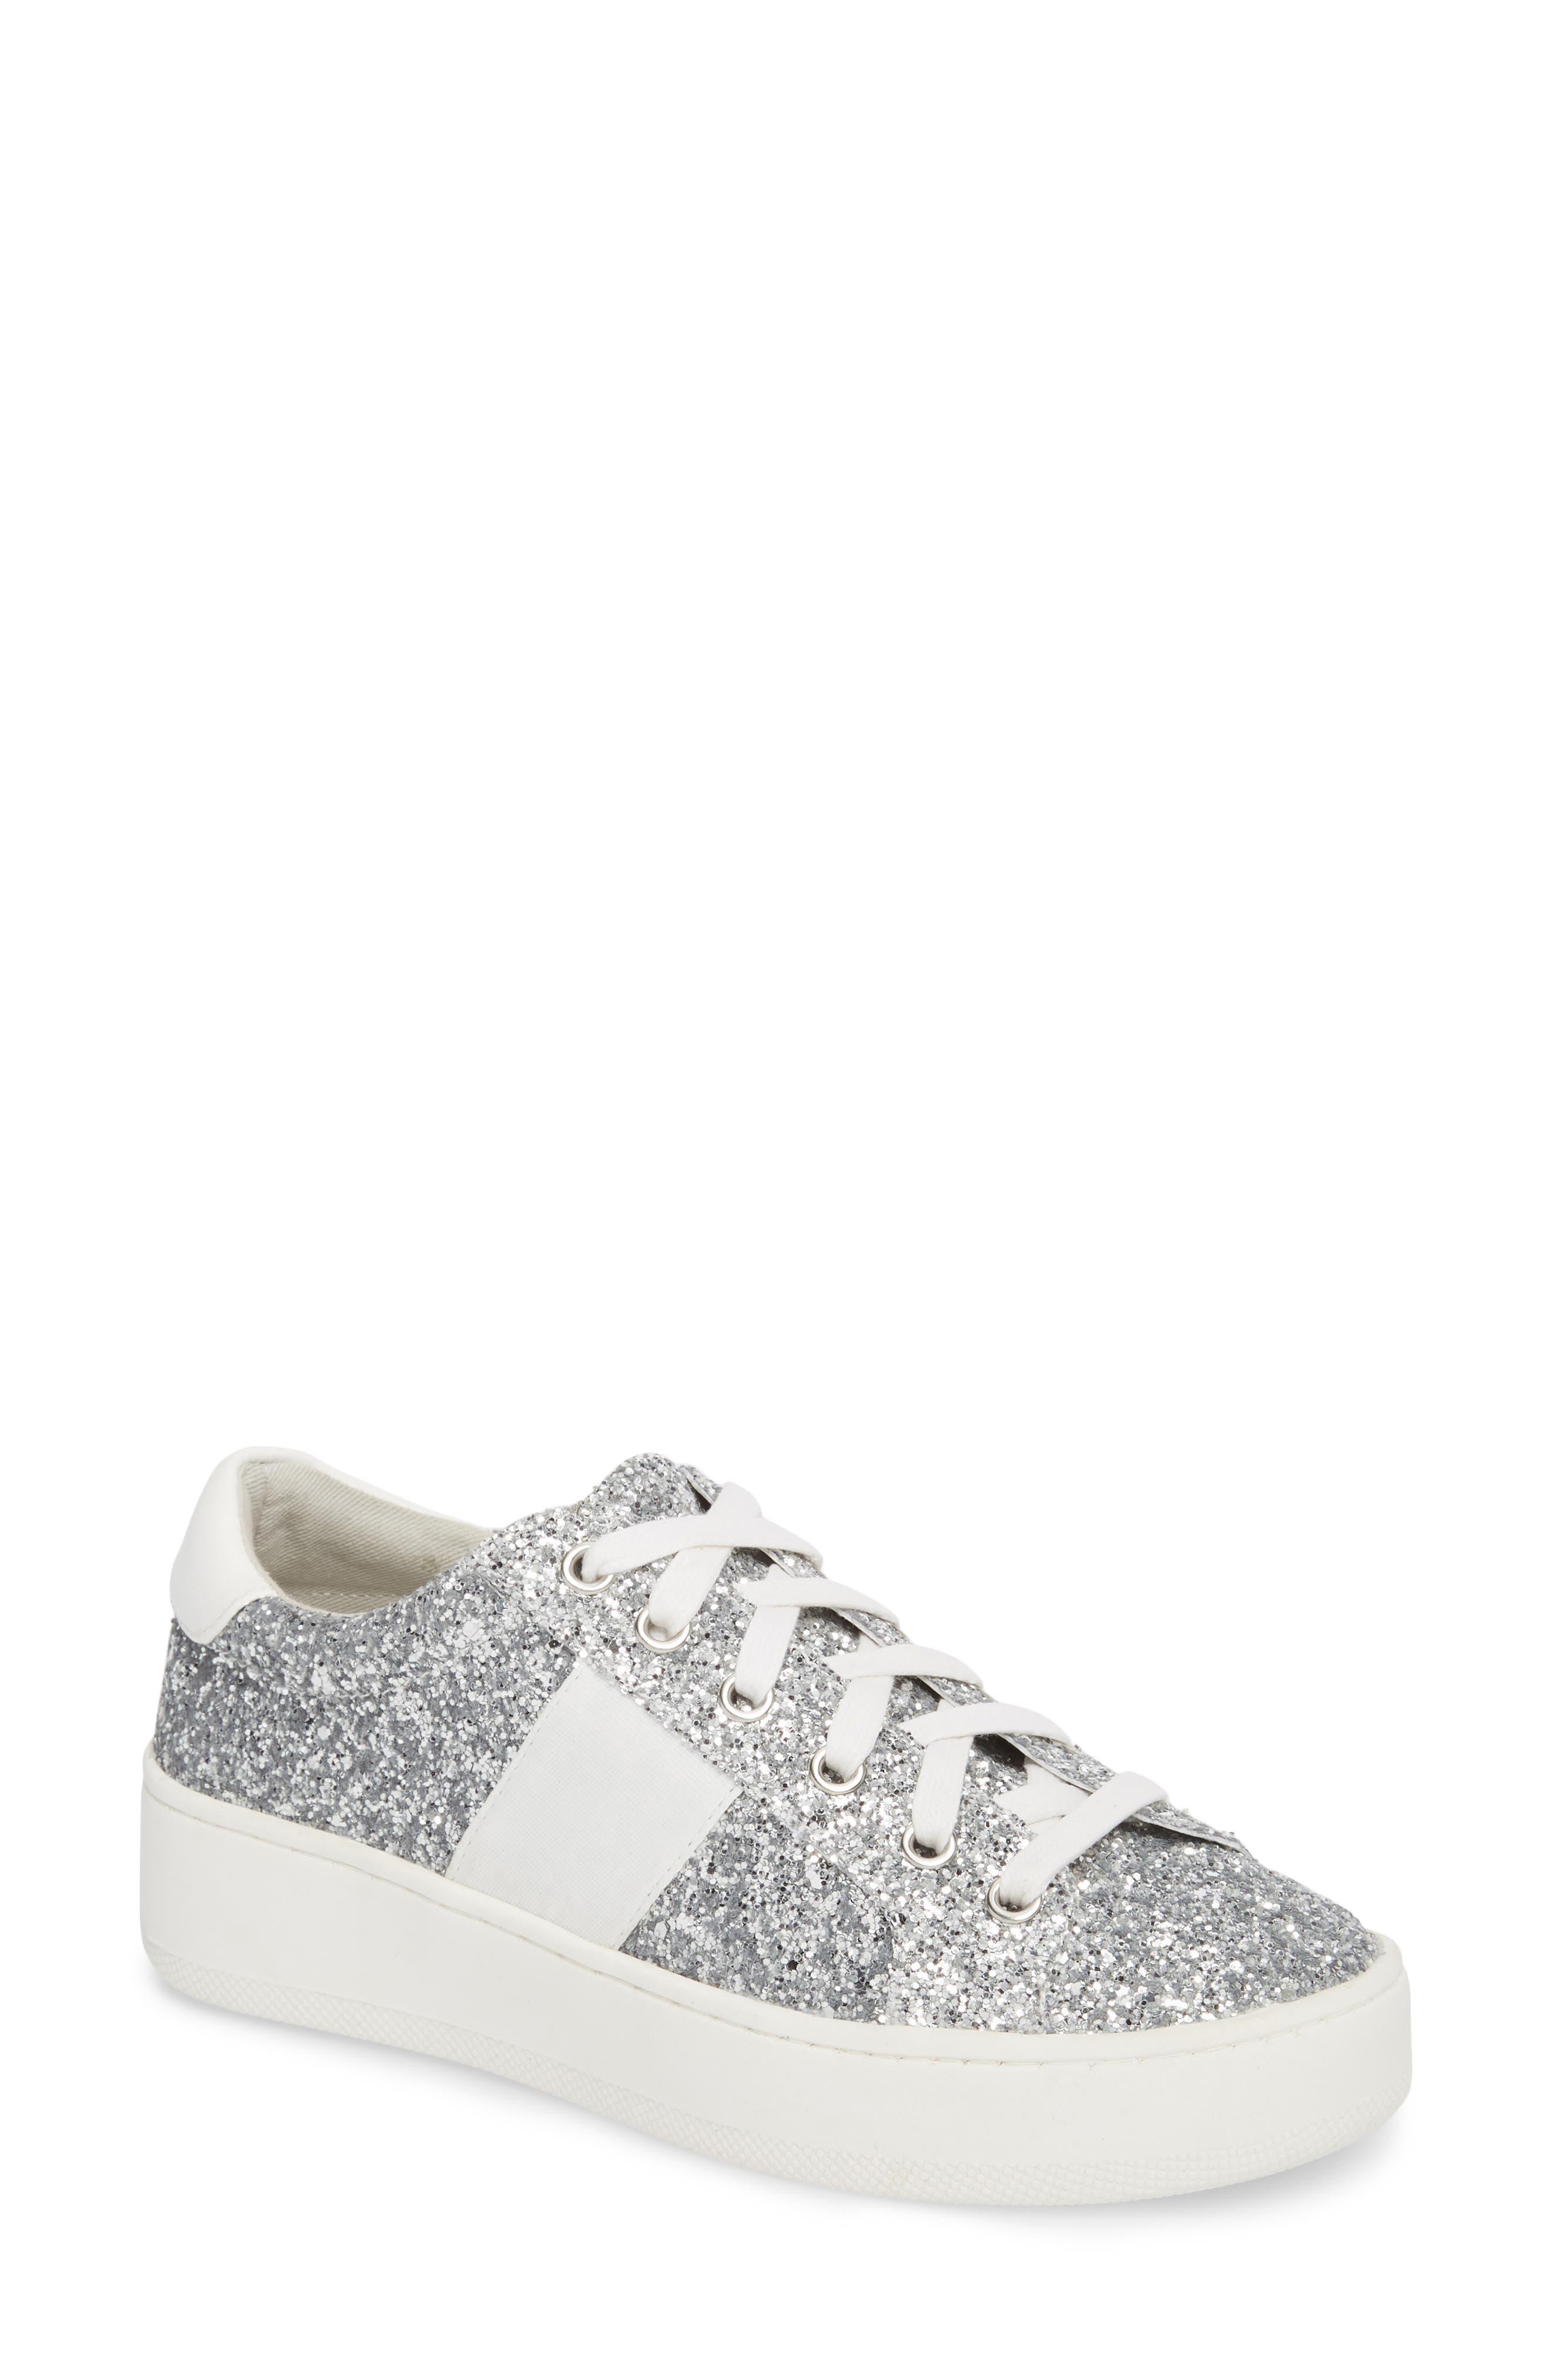 Belle-G Glitter Platform Sneaker,                         Main,                         color, SILVER GLITTER